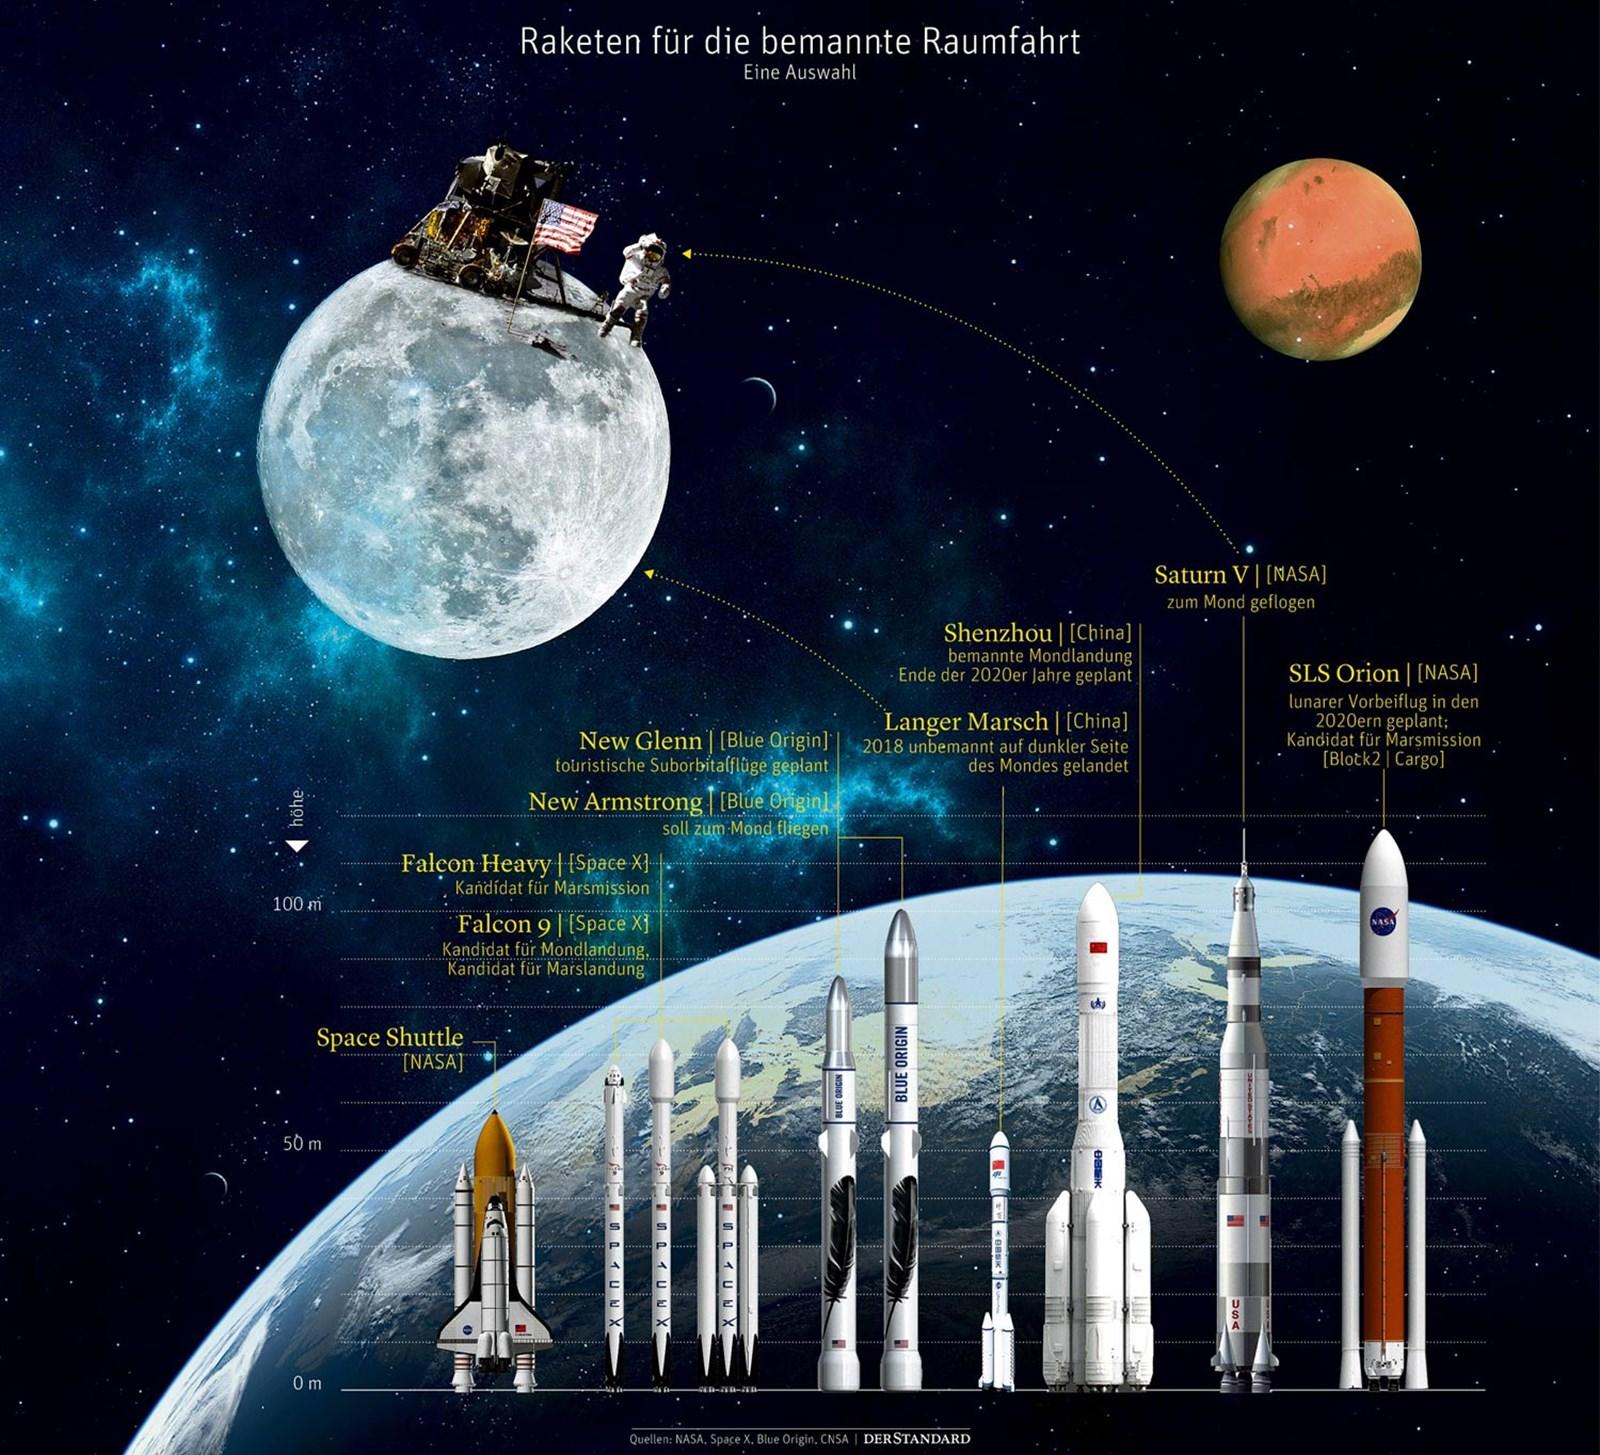 Adieu, Erde! Die Zukunft der Raumfahrt 50 Jahre nach der ersten Mondlandung